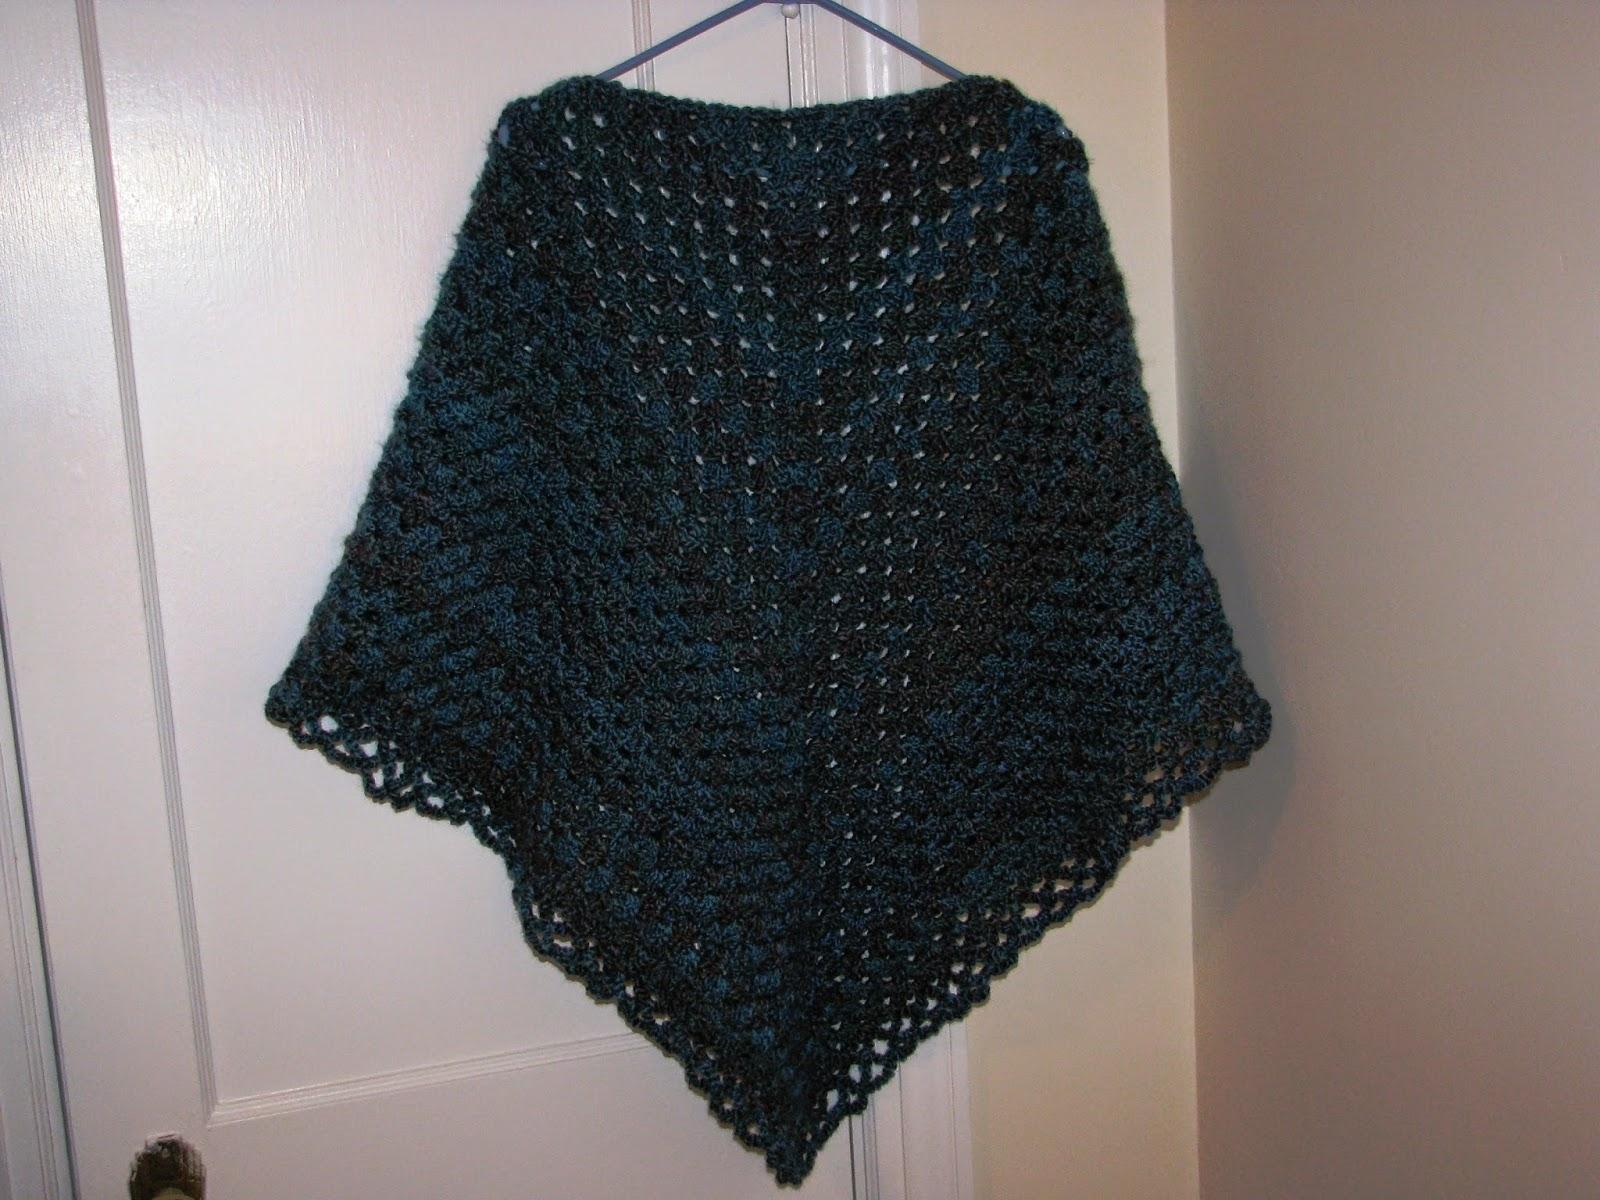 Crochet Shawl Edging - Erieairfair